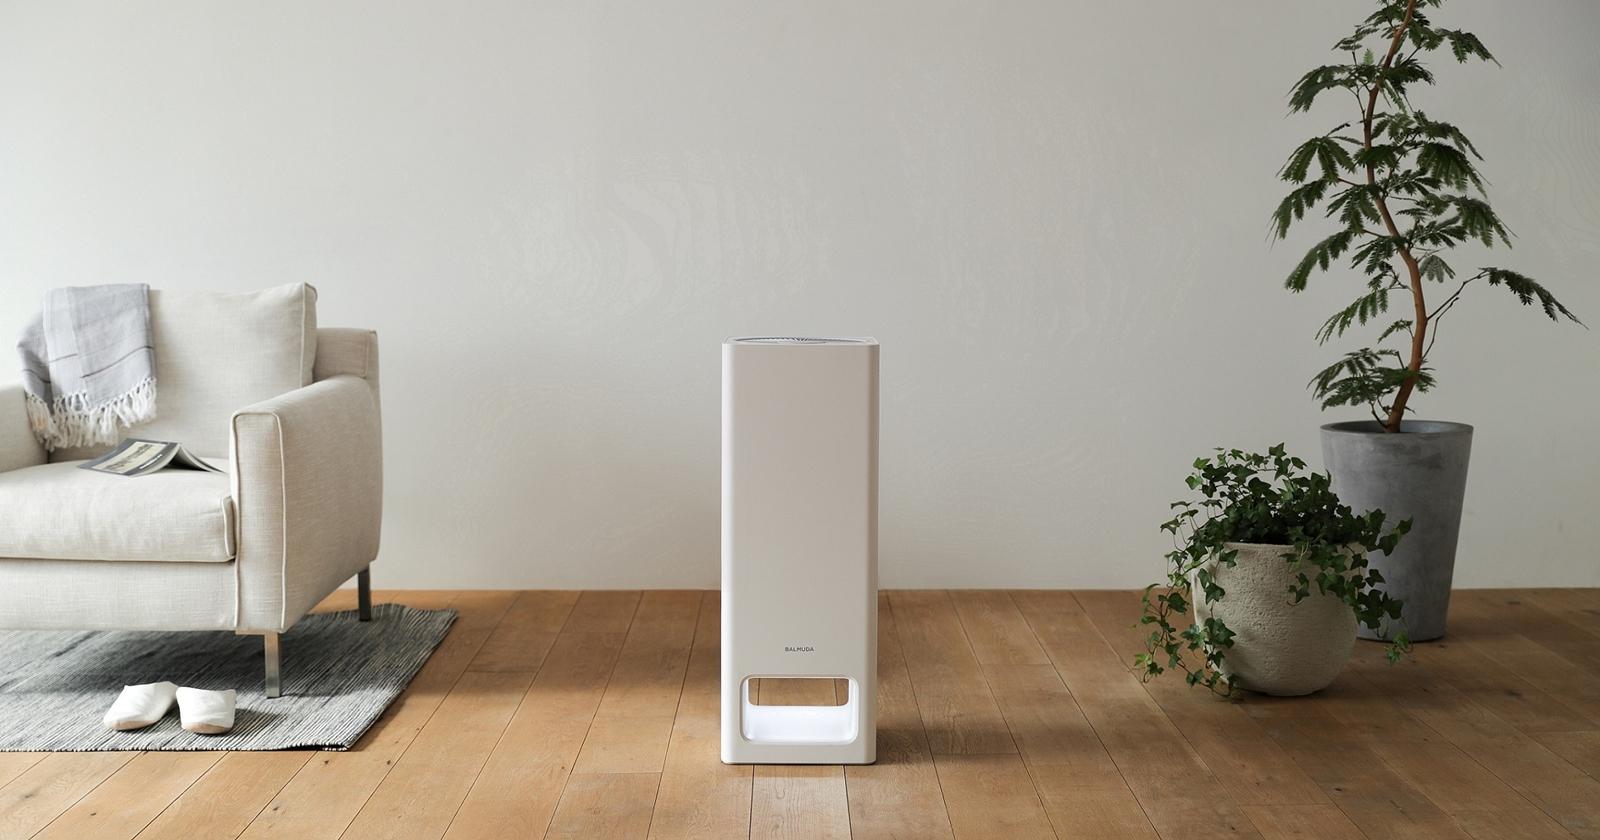 超美型 BALMUDA The Pure 空氣清淨機上市,售價 18,880 元